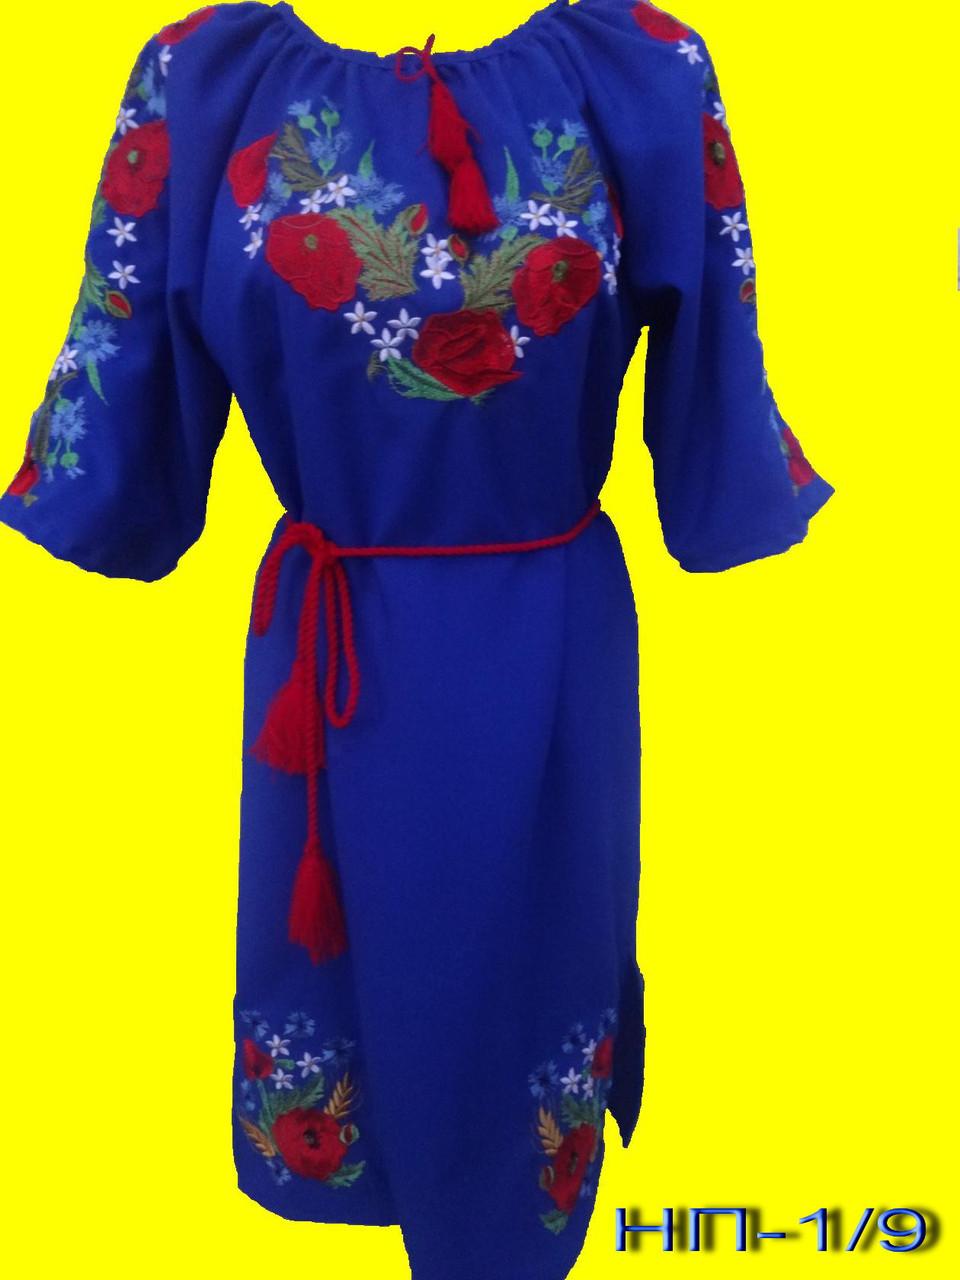 Женское платье с вышивкой гладью Красные маки. Вишита жіноча сукня. -  Интернет-магазин bb9d0d0f68a3e